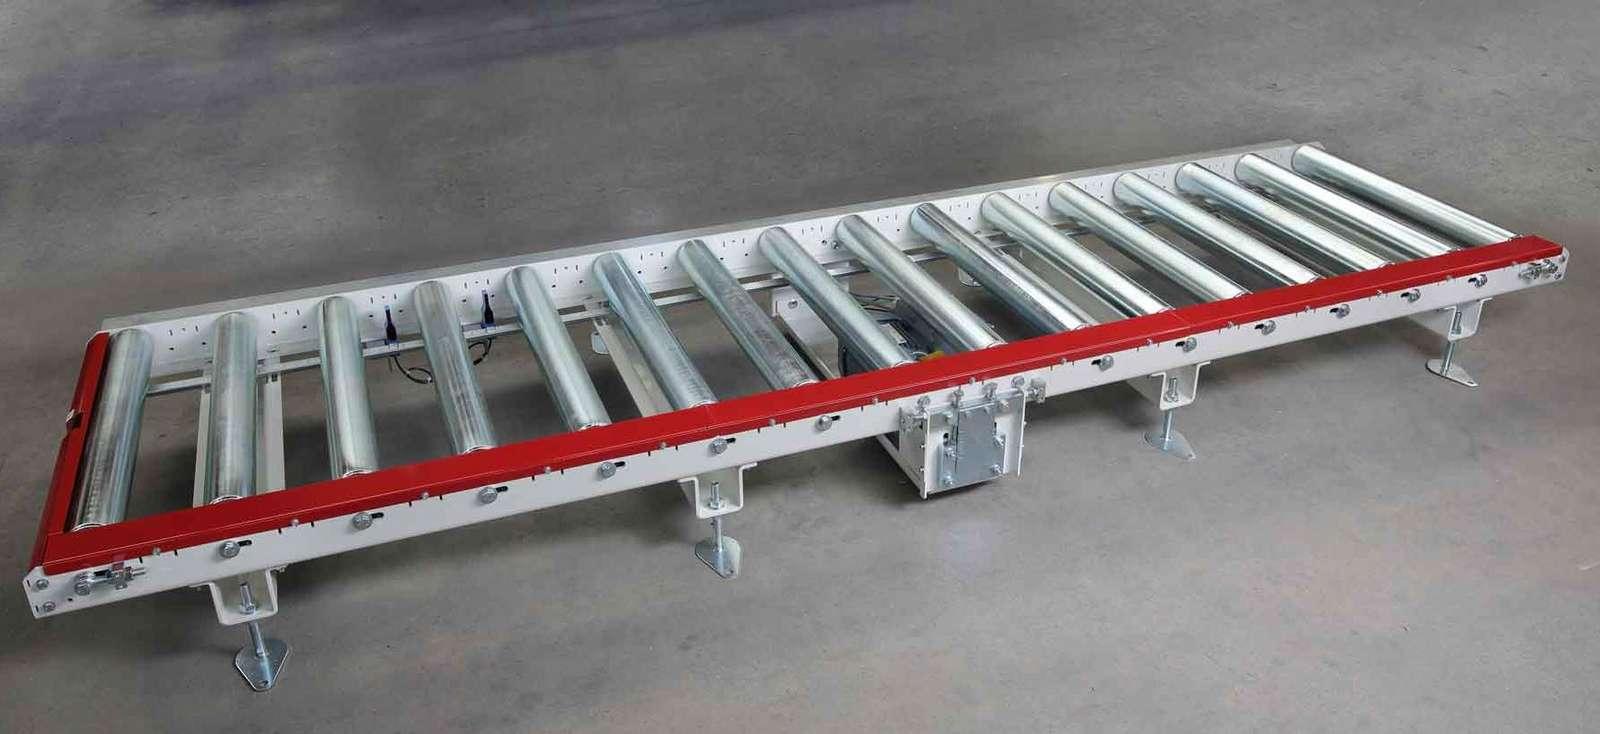 Rollförderer flexibel einsetzbar durch modulare Bauweise